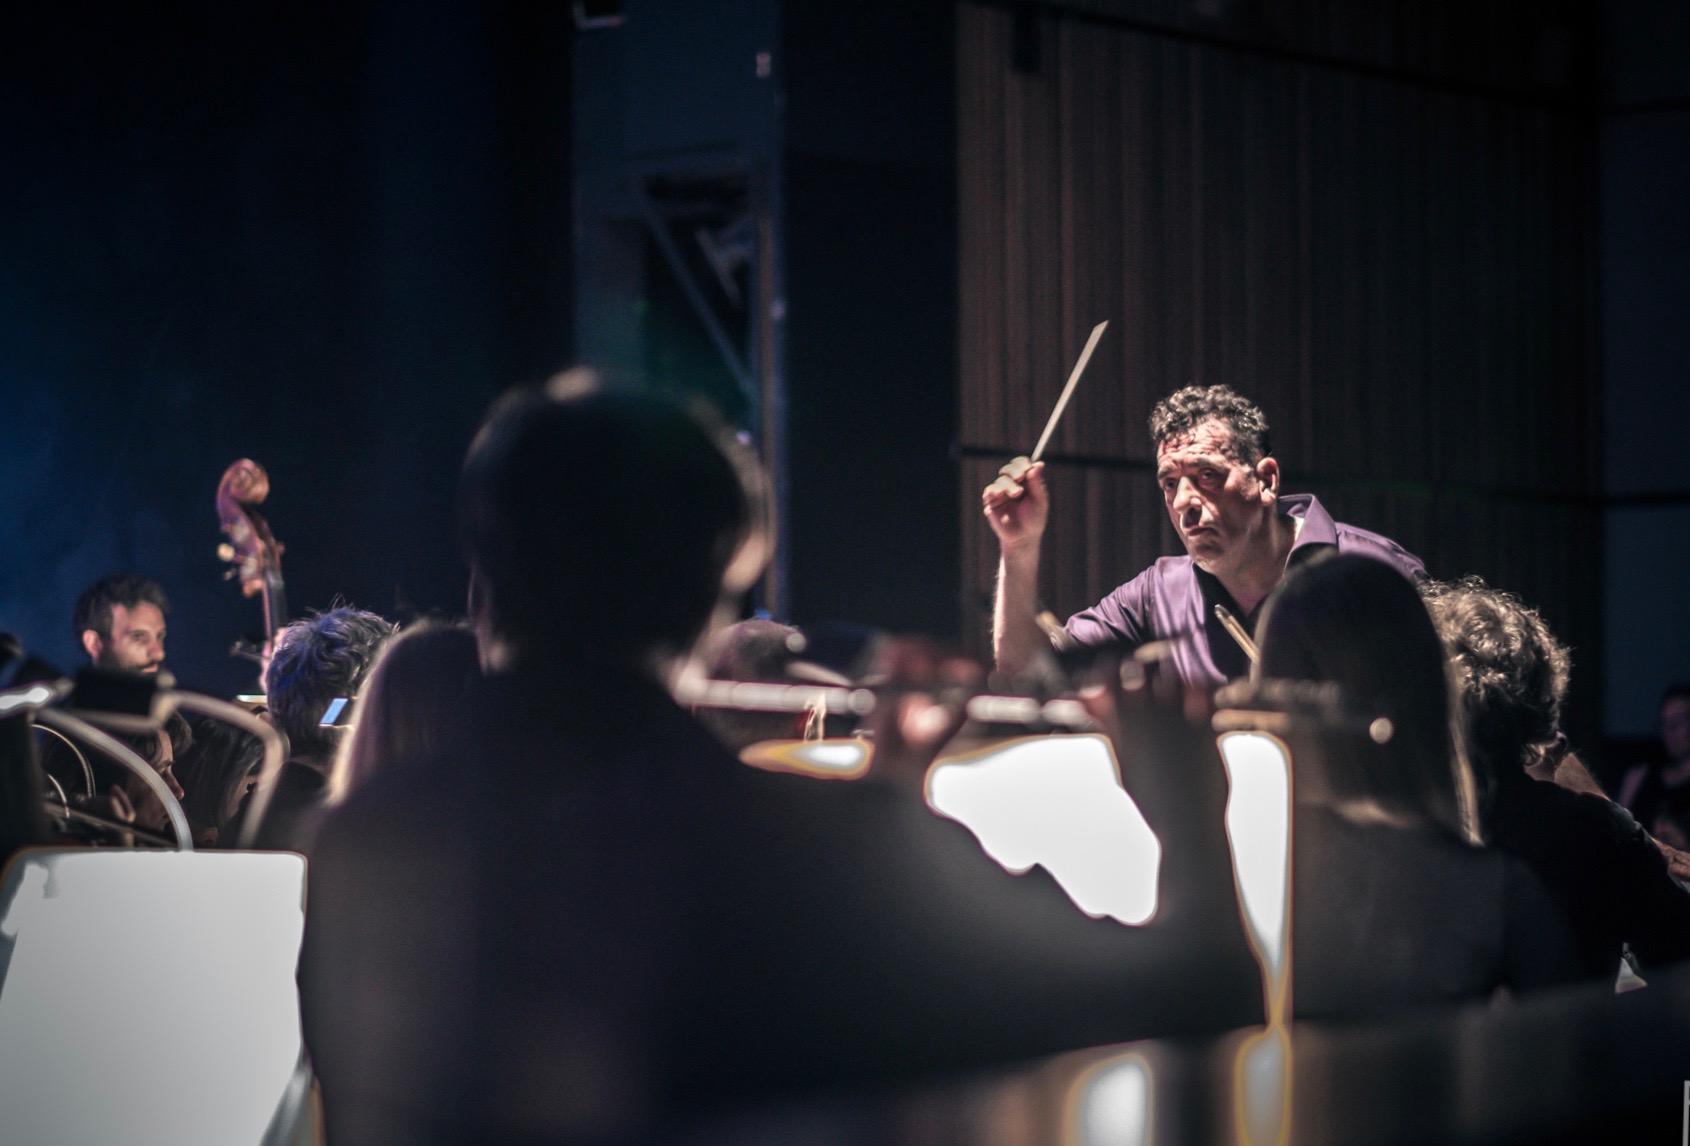 CAN'T STOP, WON'T STOP - Der Berliner Dirigent und Opernregisseur Christoph Hagel hat bereits mit seinen bisherigen Projekten Flying Bach, Breakin' Mozart und Beethoven! The Next Level große internationale Erfolge gefeiert. Sie füllen Hallen auf der ganzen Welt, und bringen nicht nur junges Publikum mit neuen, spannenden kulturellen Einflüssen in Berührung.